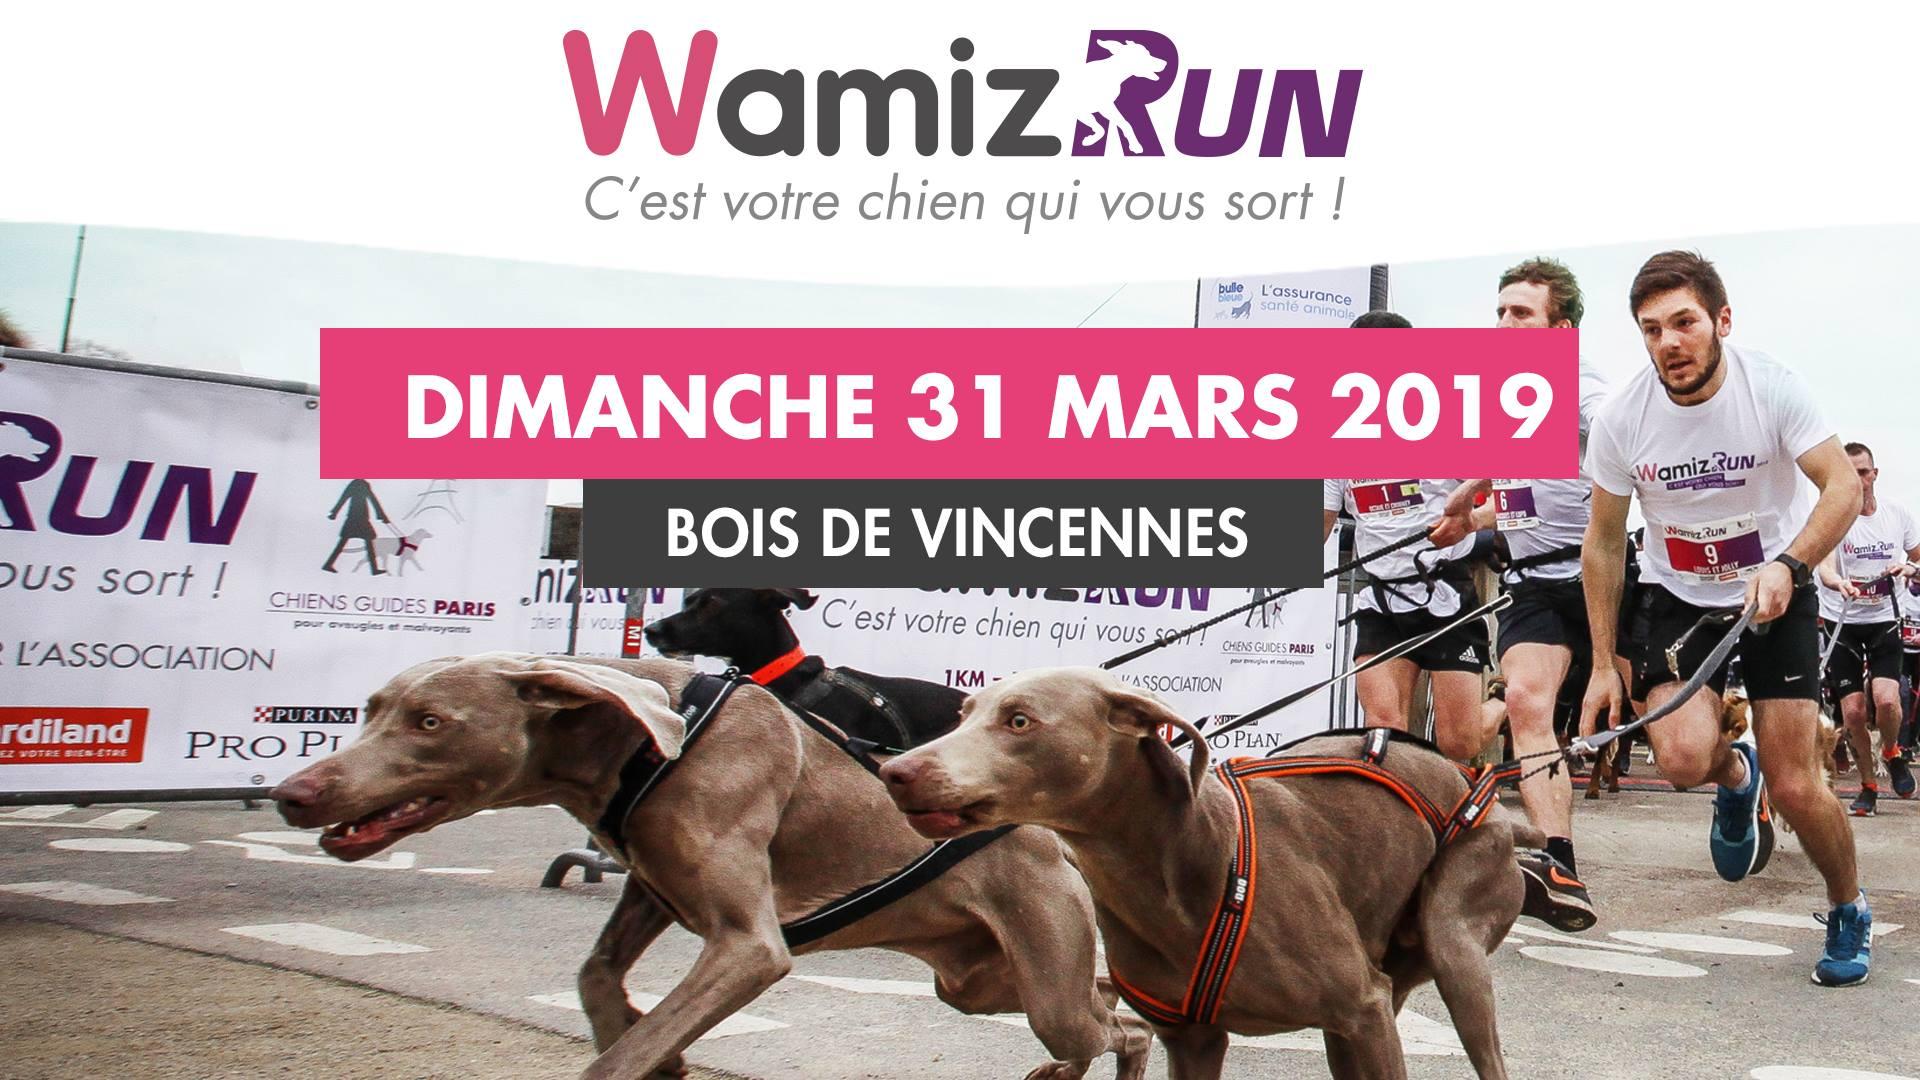 """Résultat de recherche d'images pour """"wamiz run"""""""